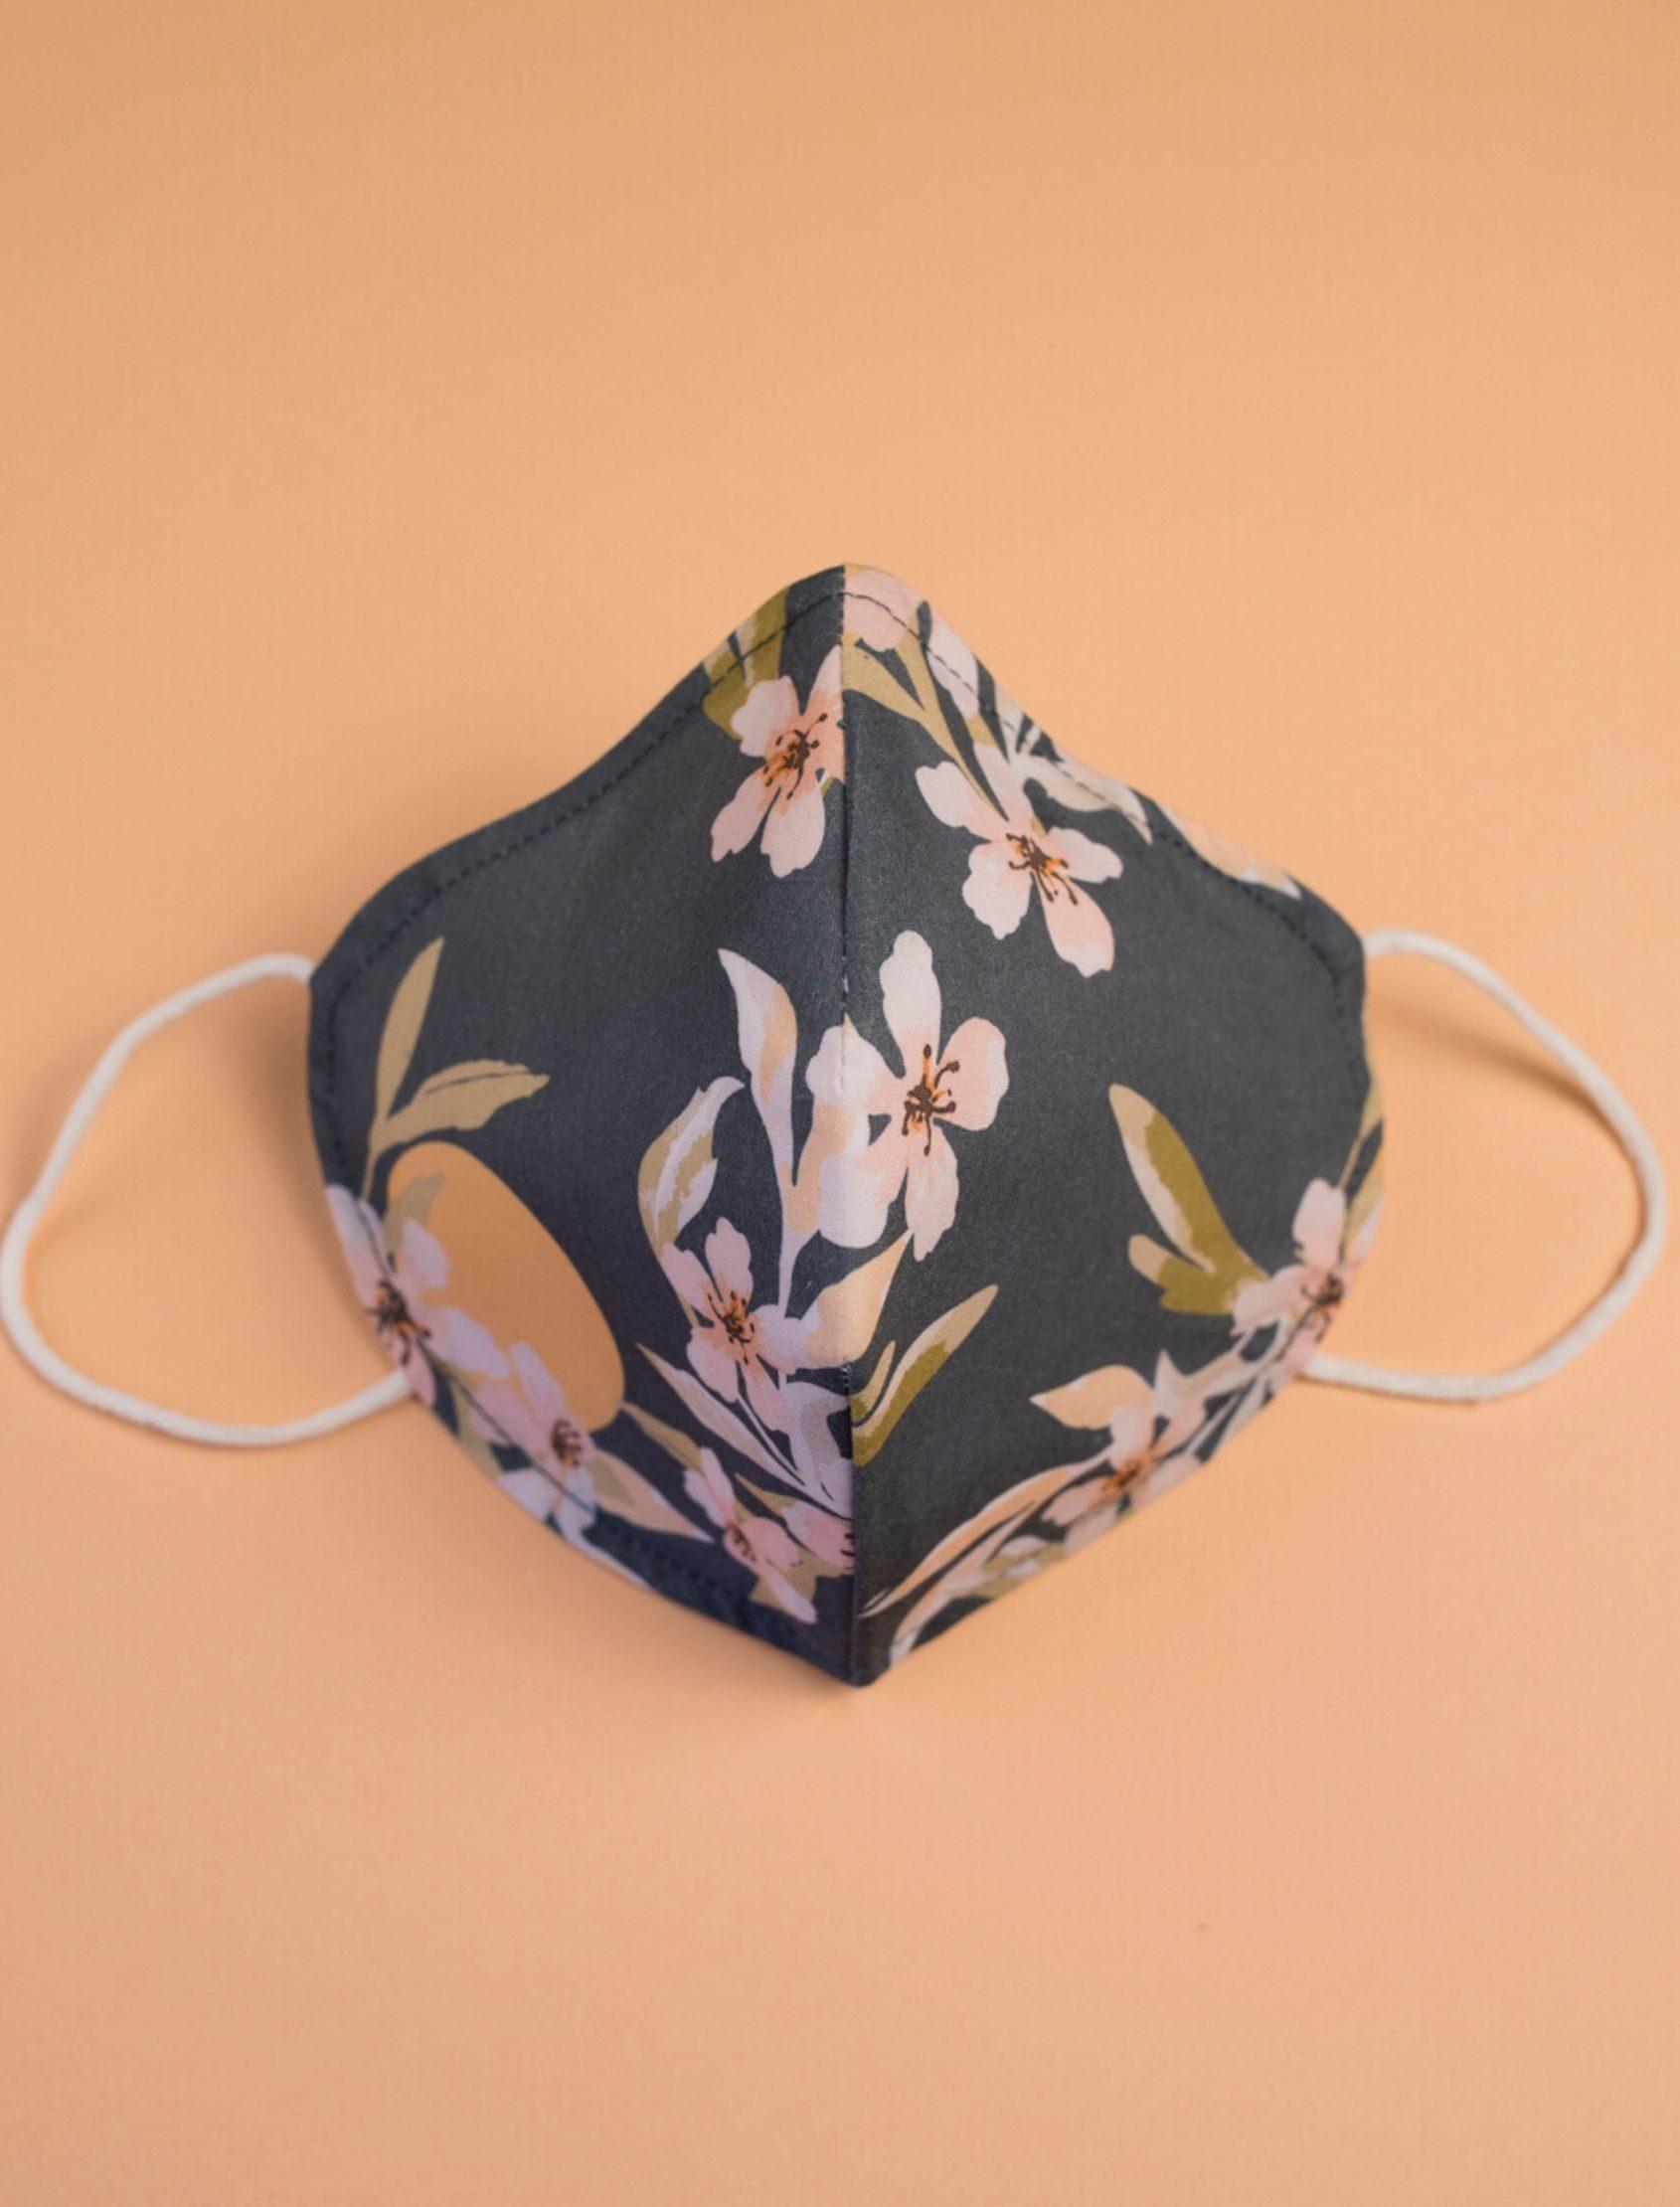 Mascarilla nora con estampado floral diseñado por cris domínguez con tejido homologado